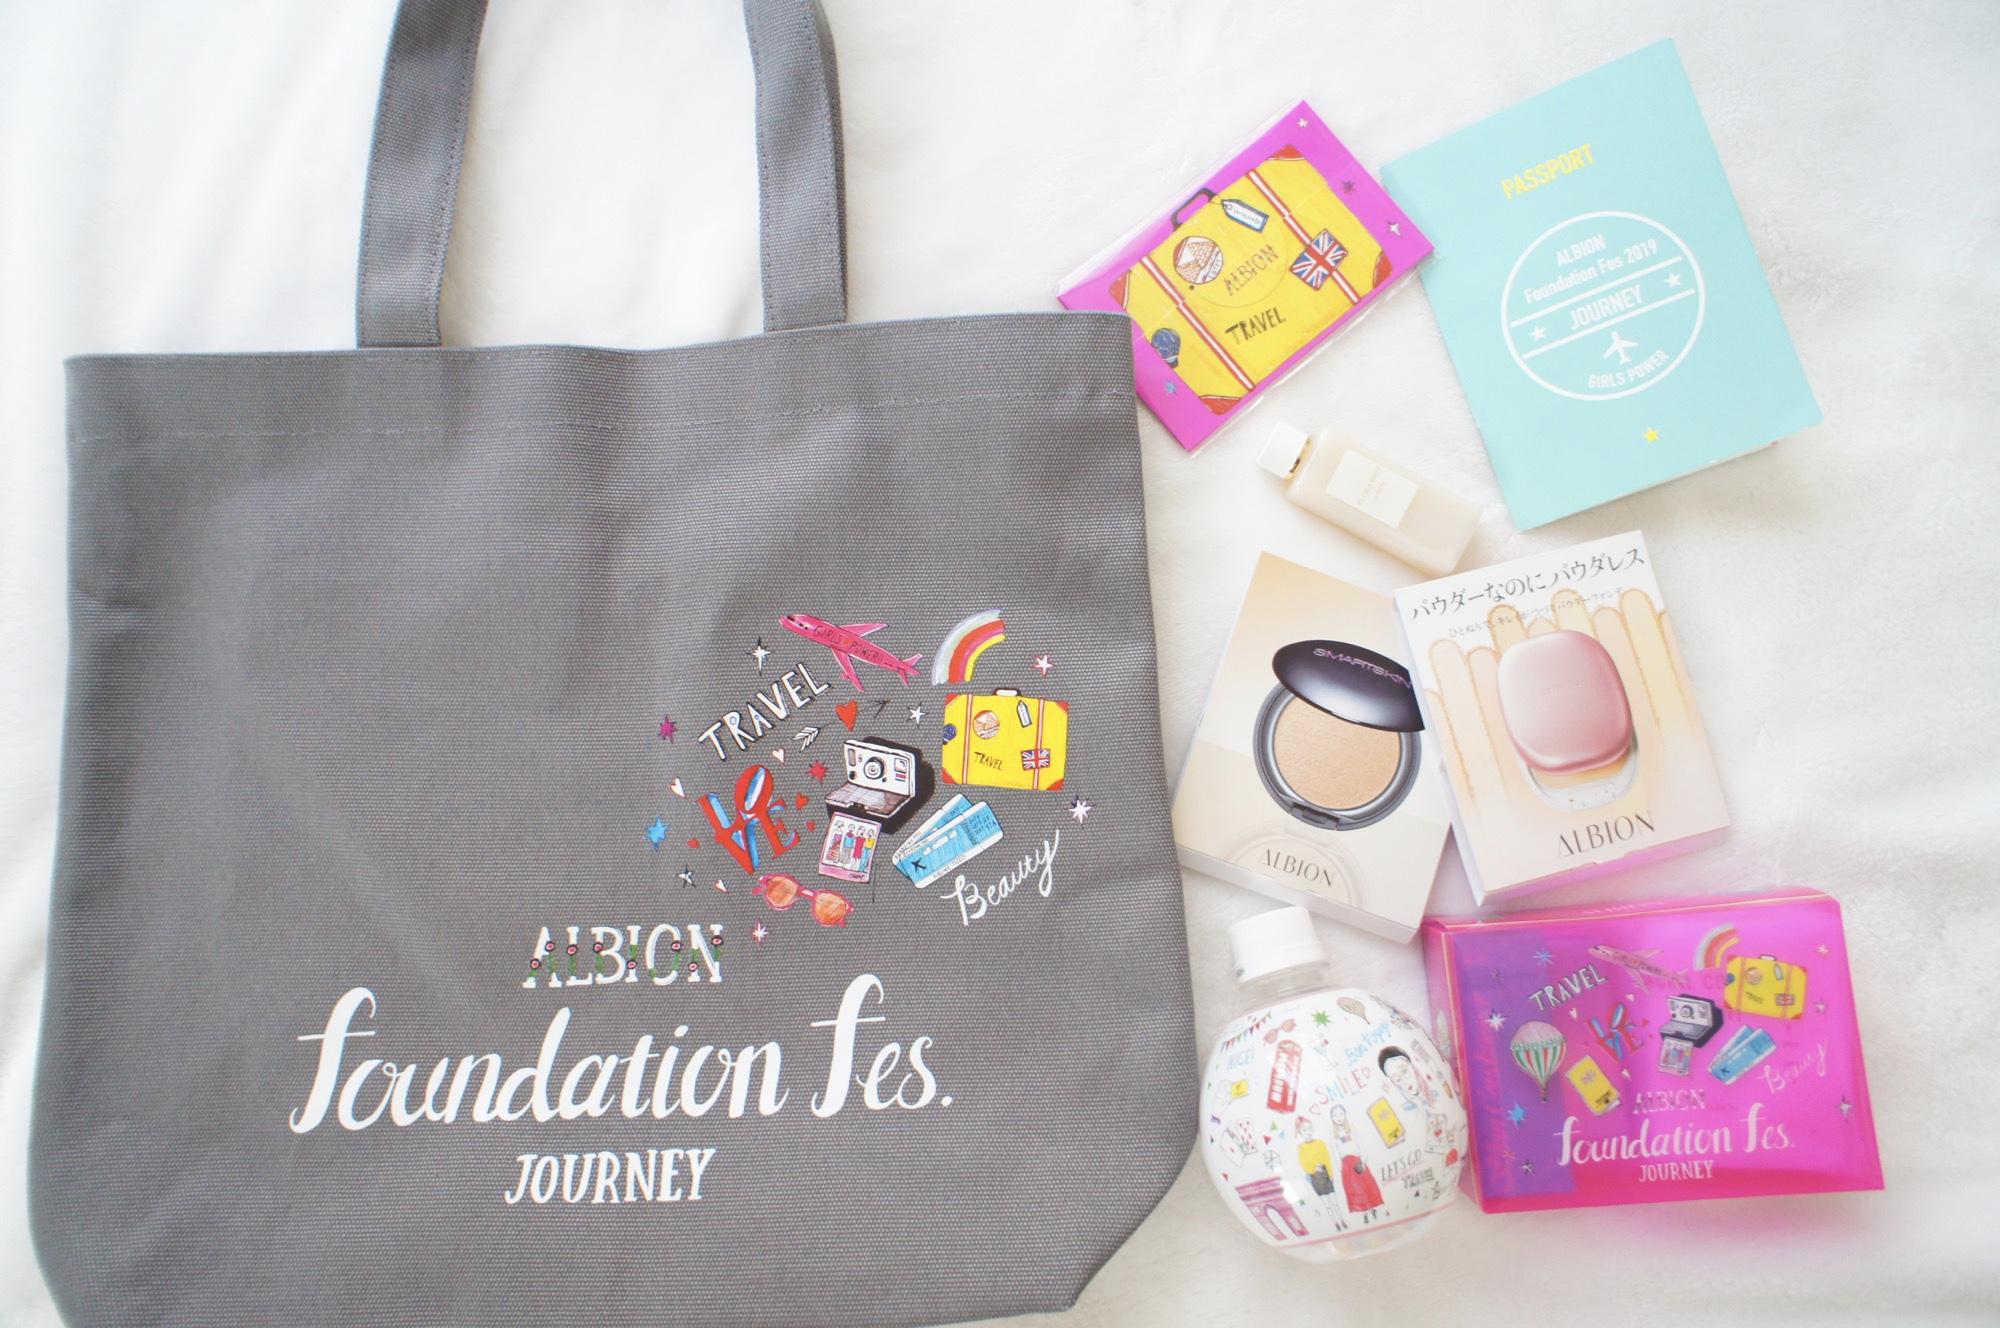 《豪華お土産付き❤️》【ALBION Foundation Fes 2019】へ行ってきました☻!_7